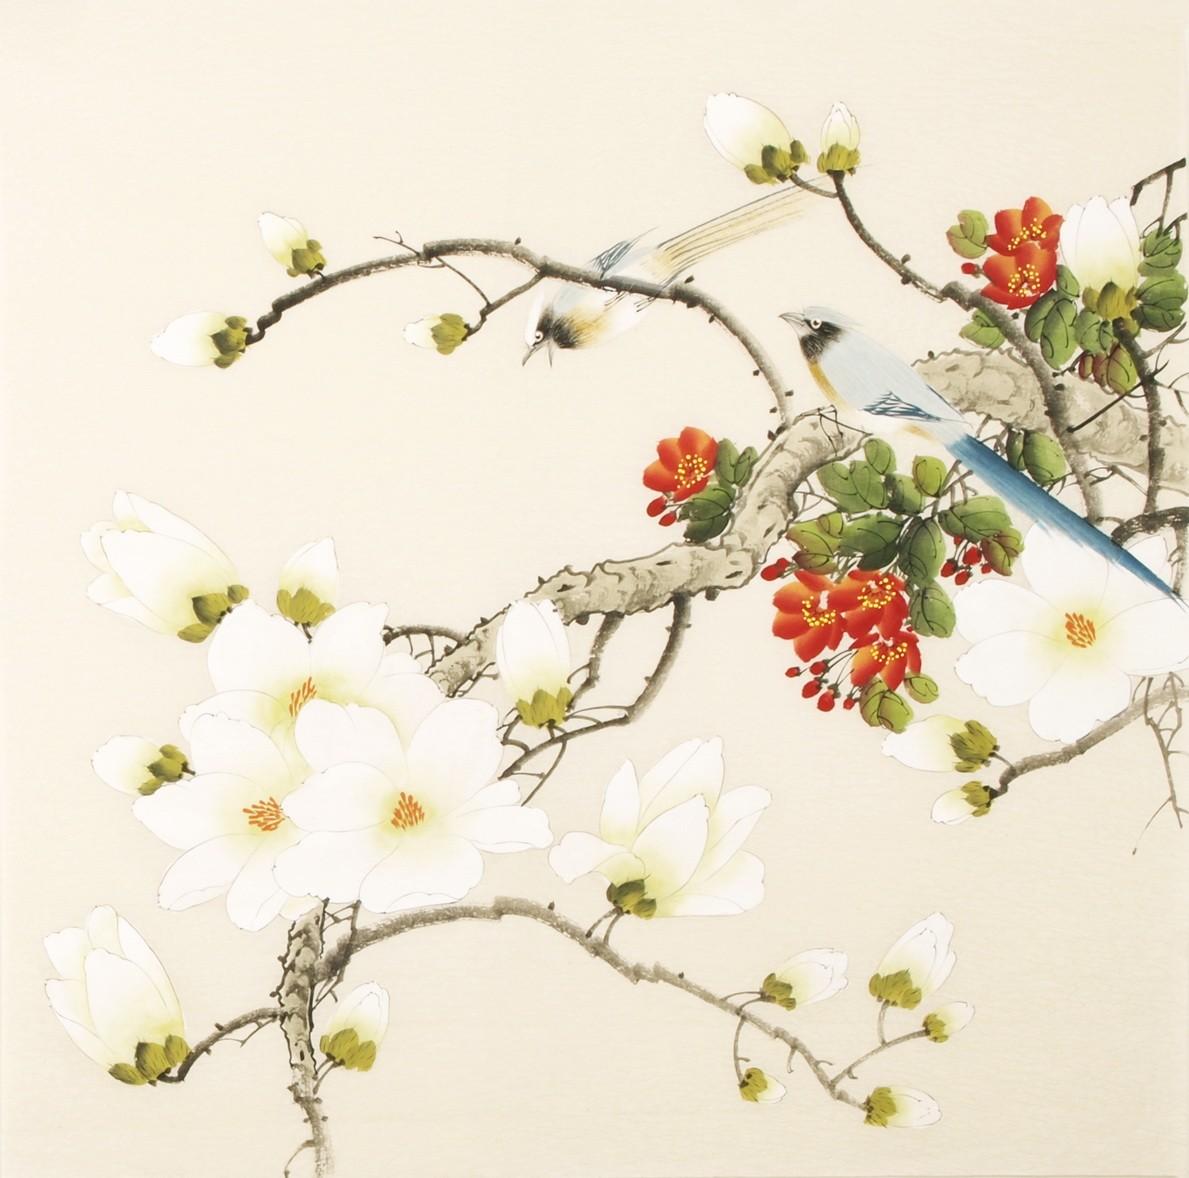 Orchid - CNAG005585